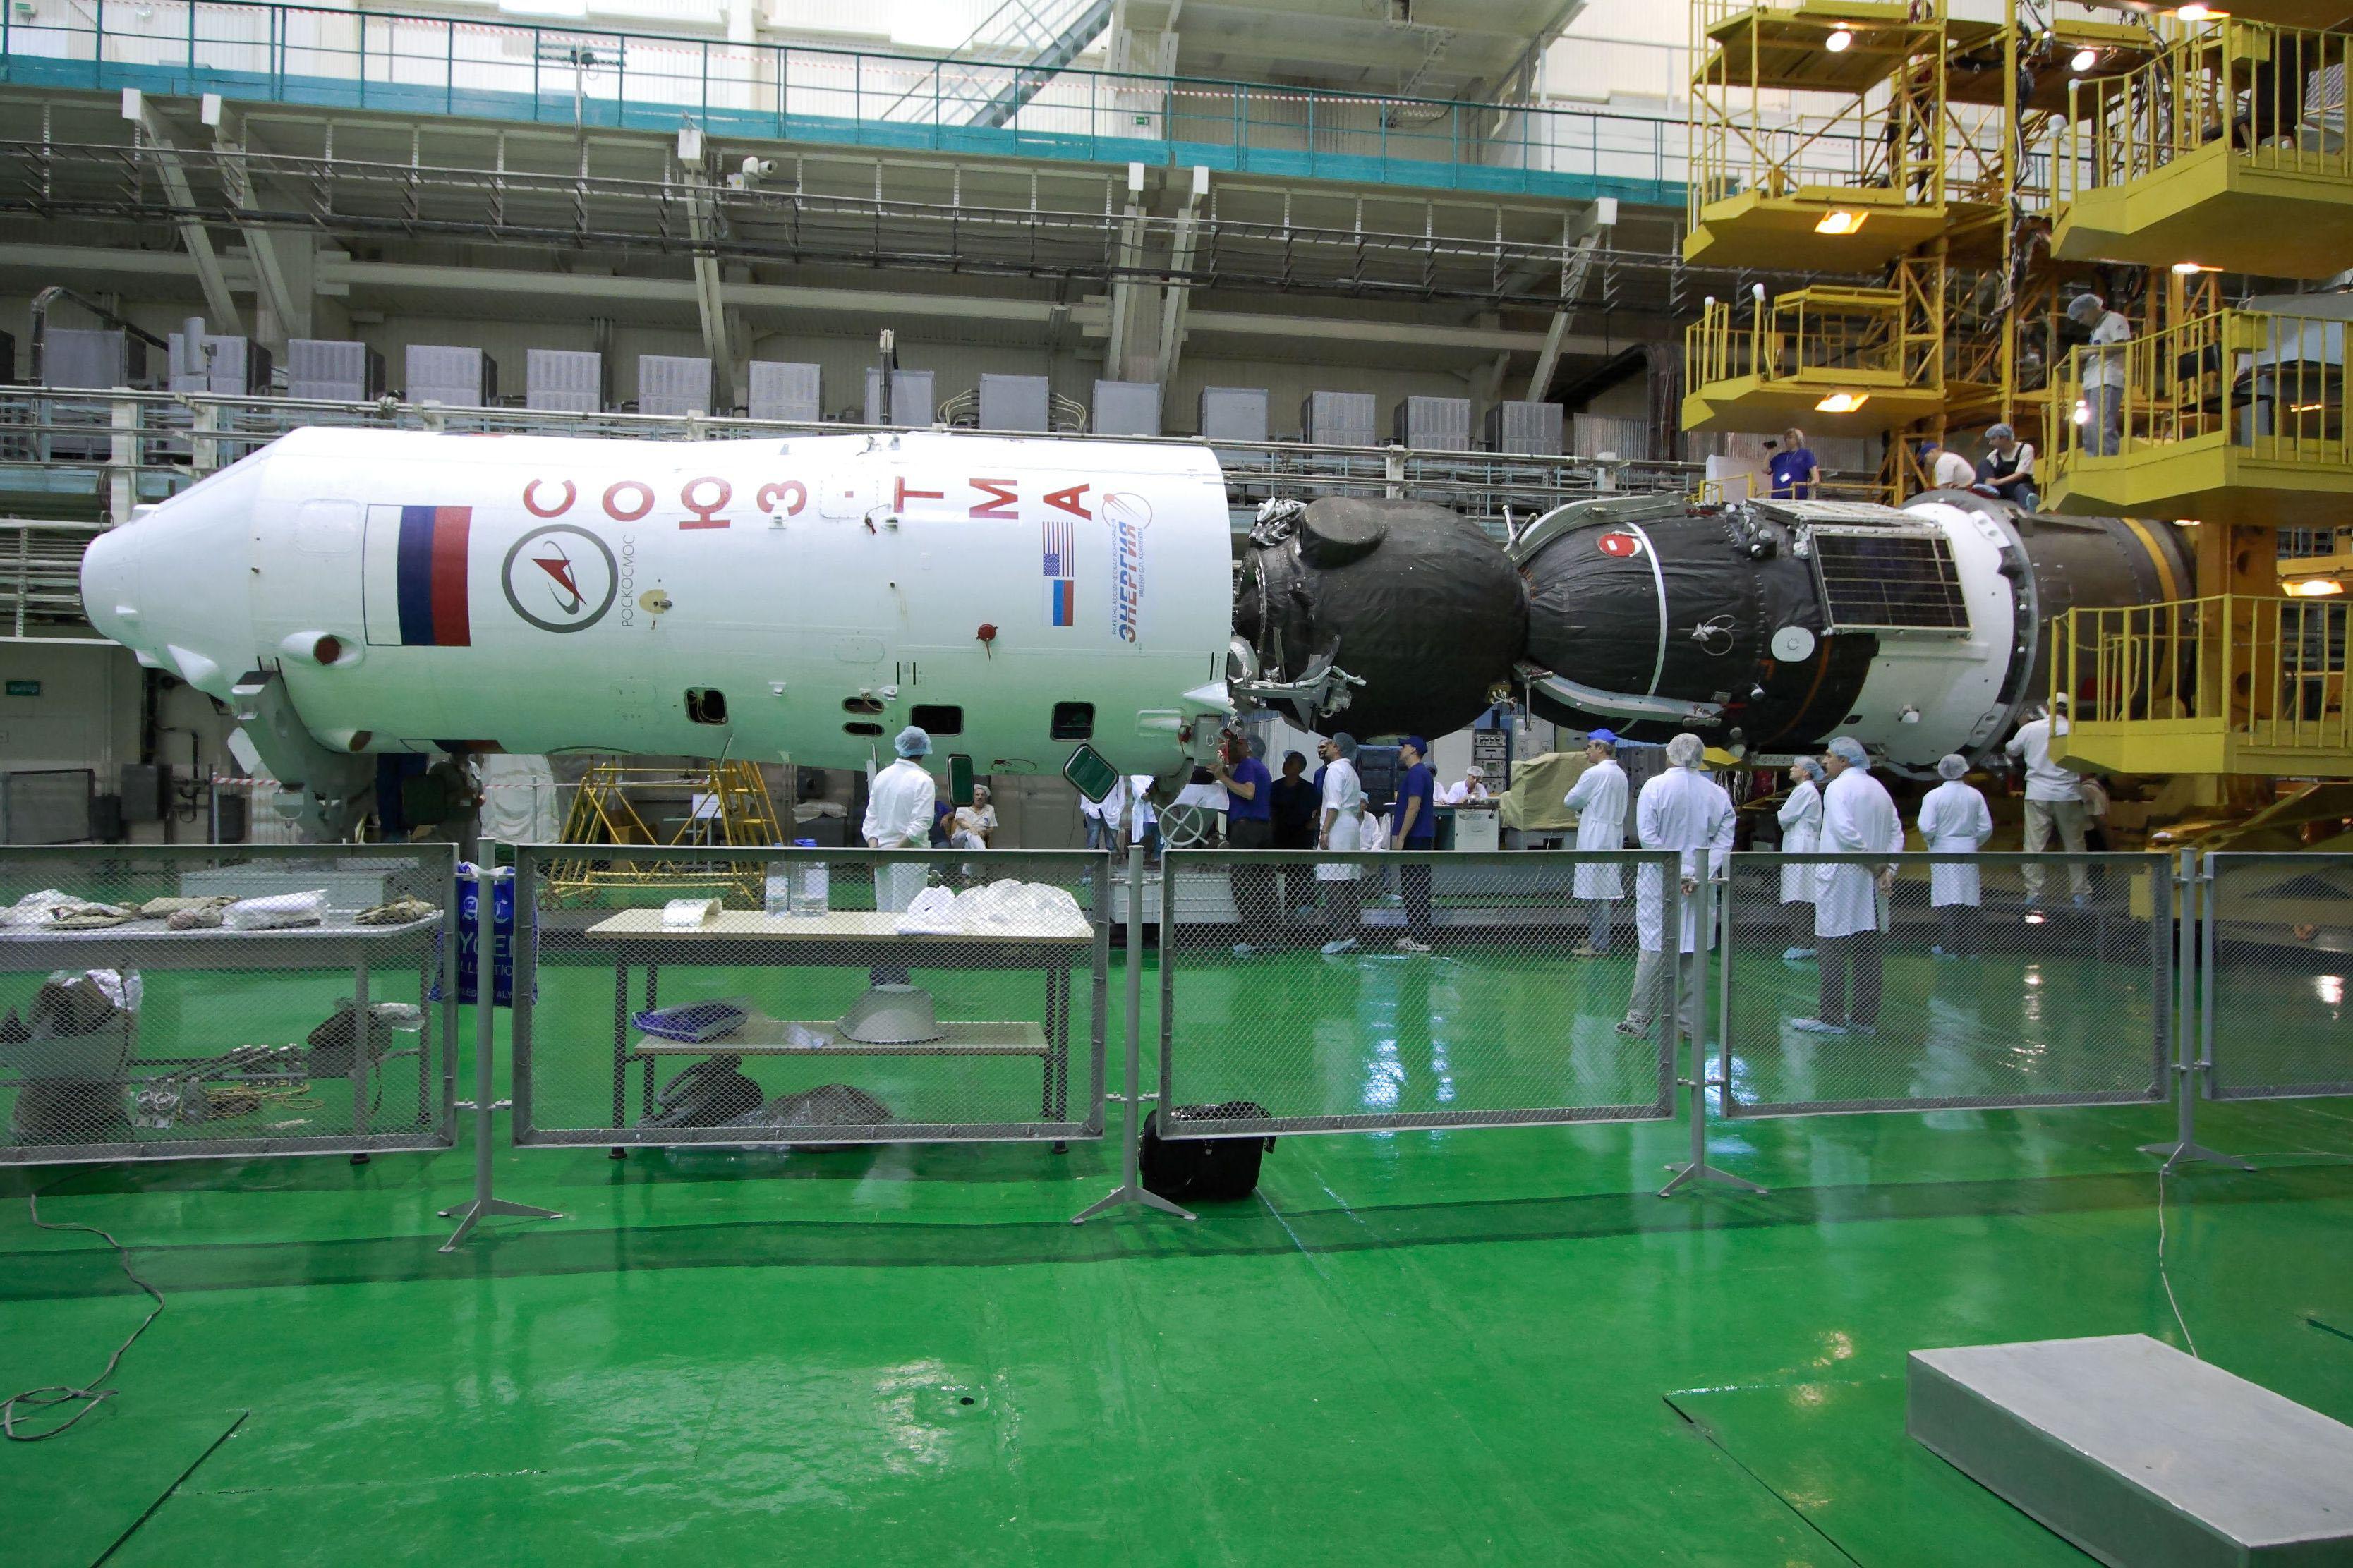 Soyuz Rocket Readied